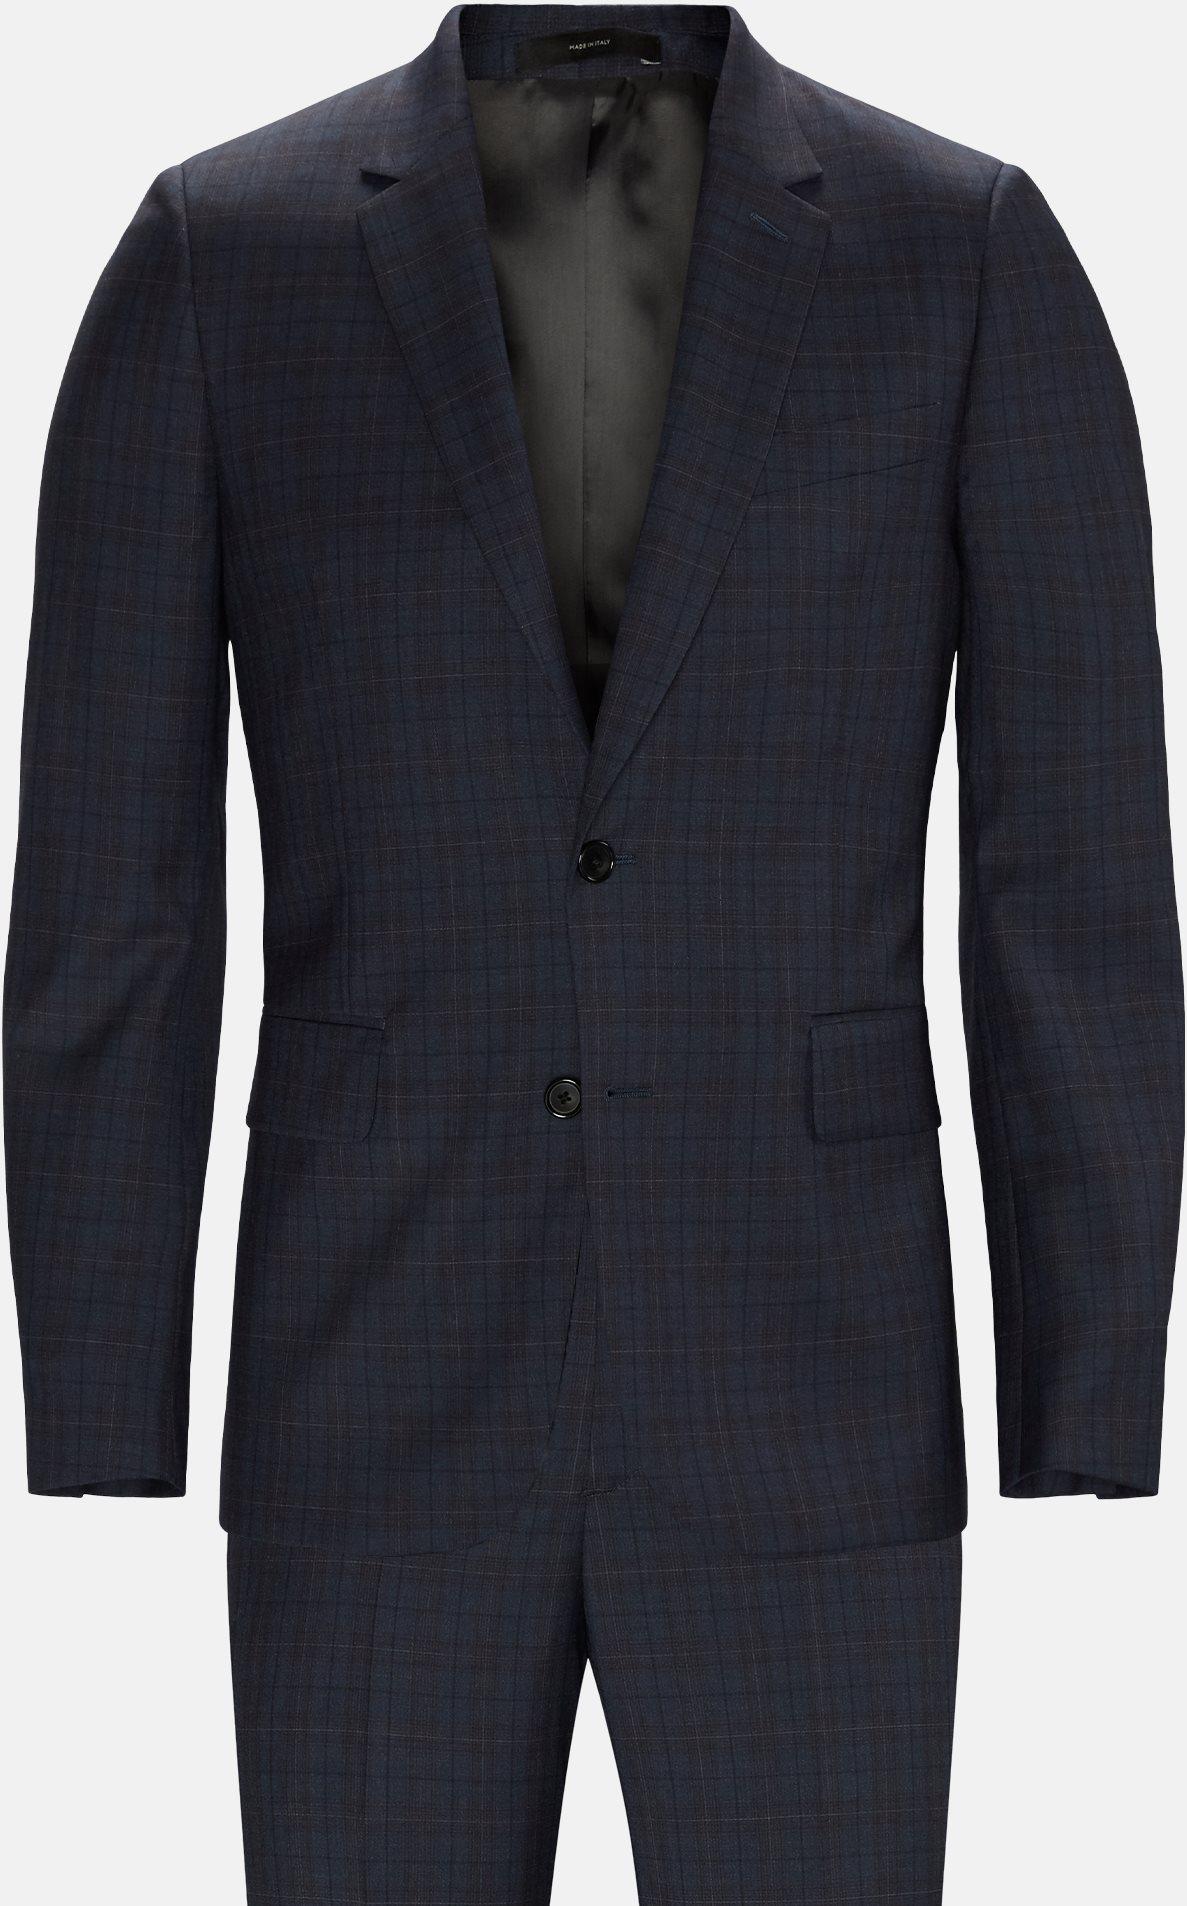 Suits - Slim - Blue